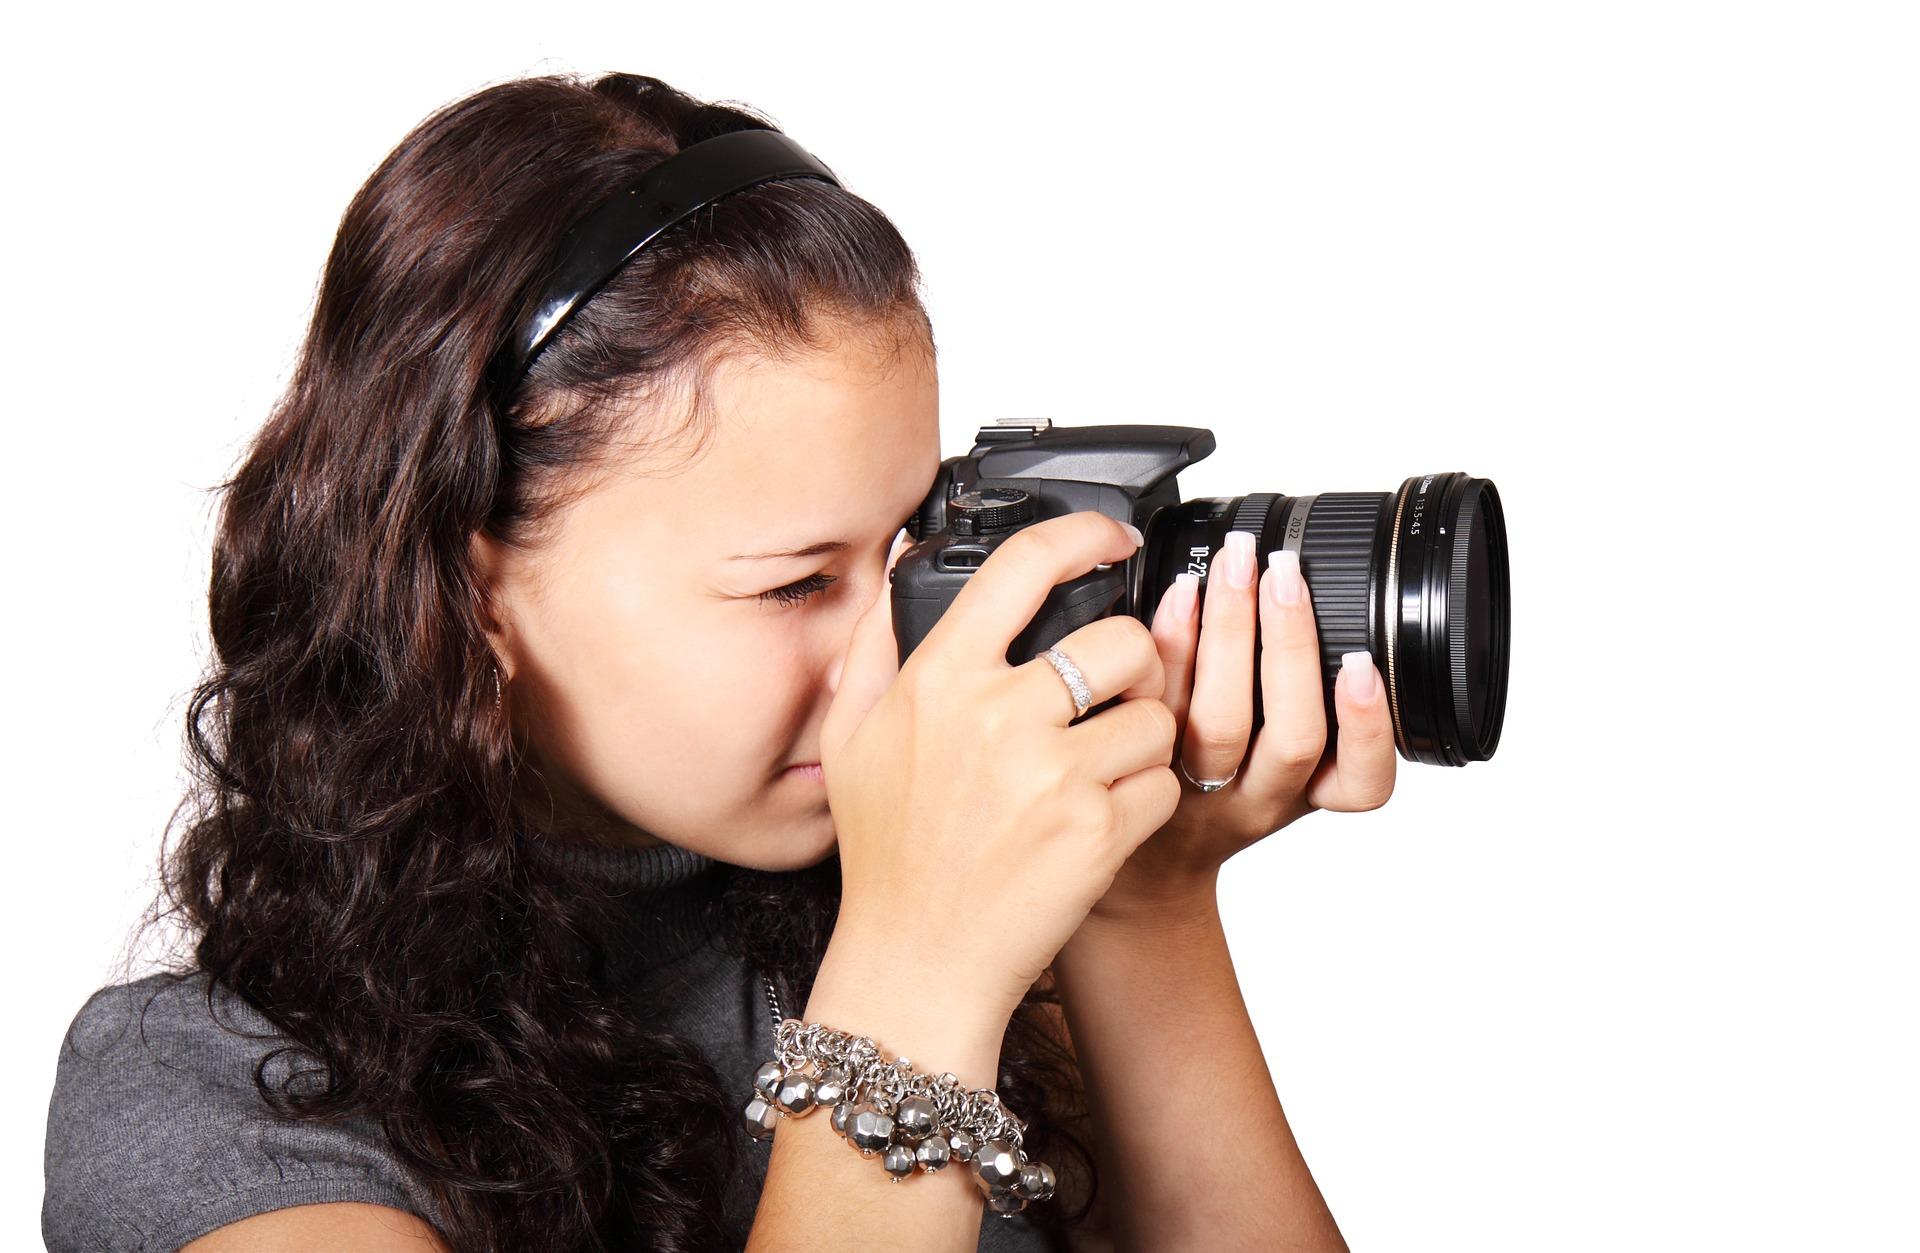 カメラのショット数を調べる方法【CRMZEMI】